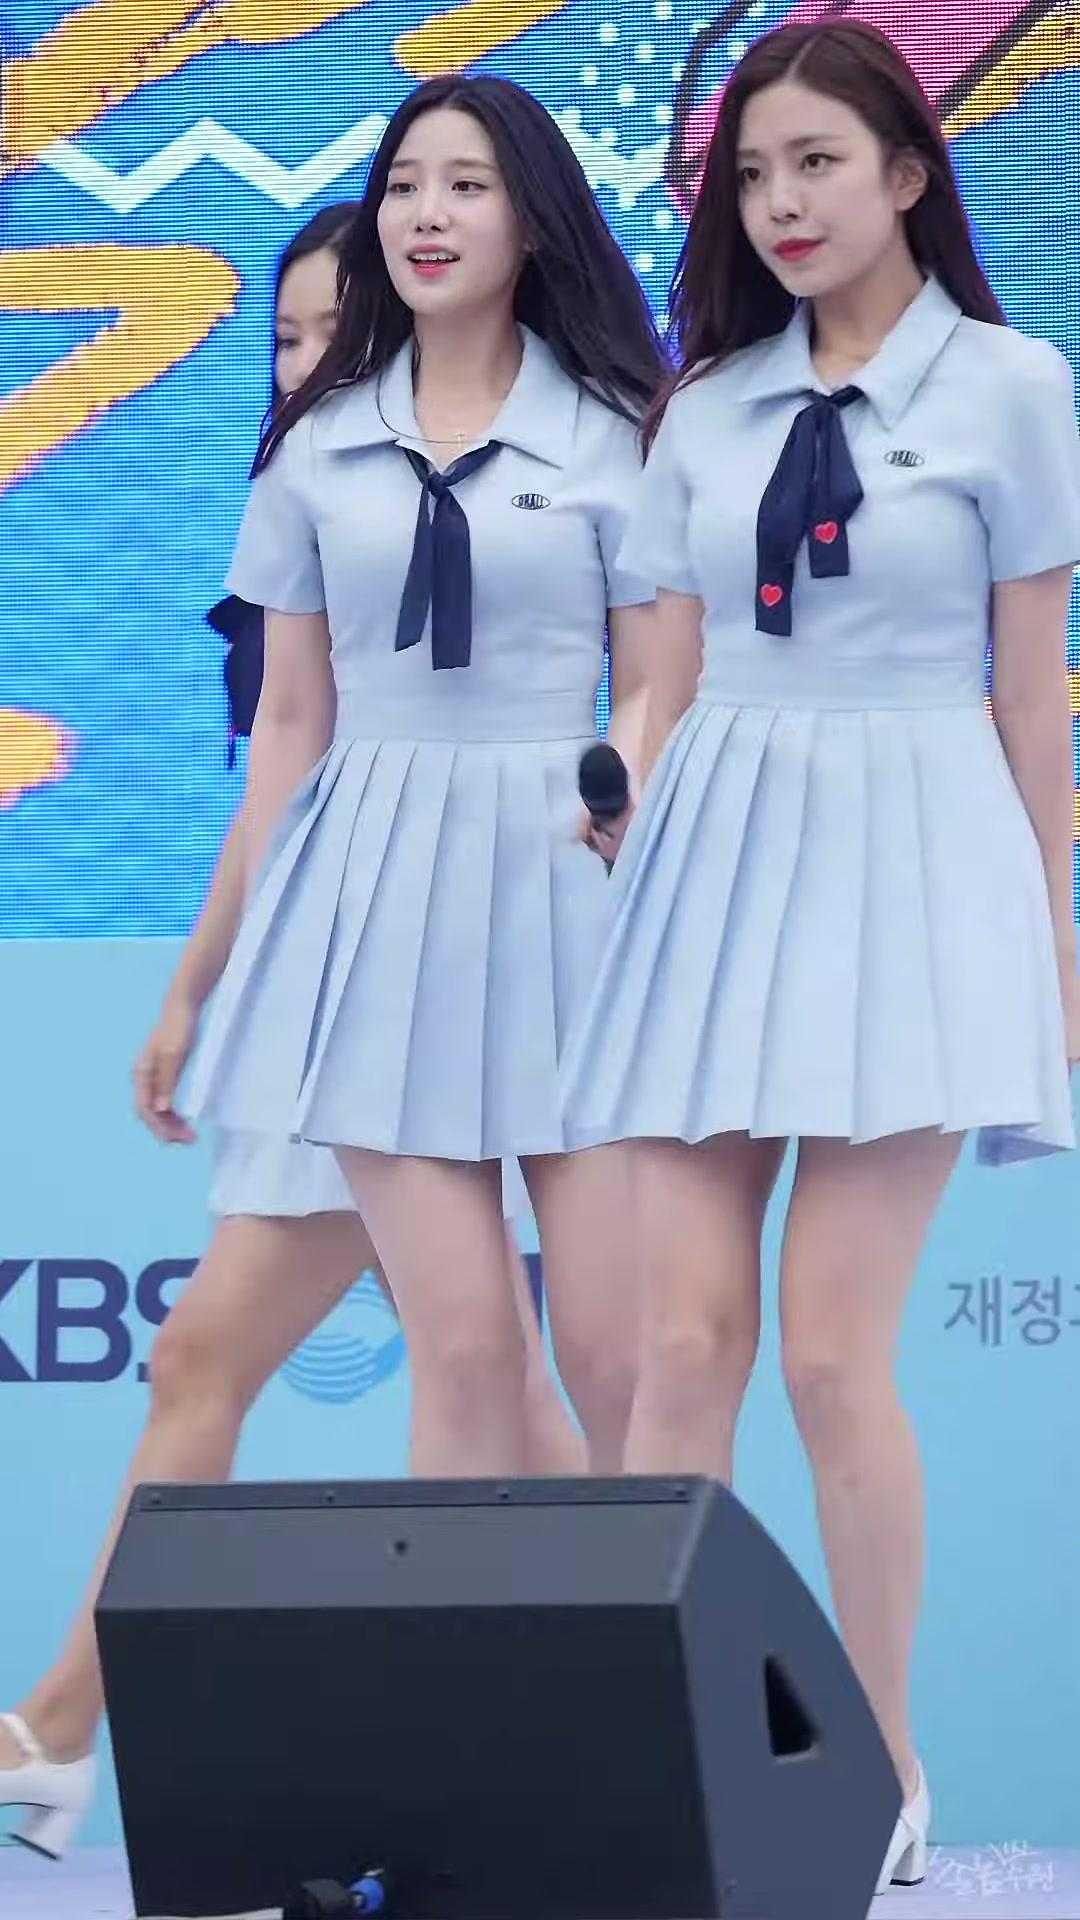 2019最新现场饭拍韩国女团BerryGood美女性感火辣热舞高清 4K